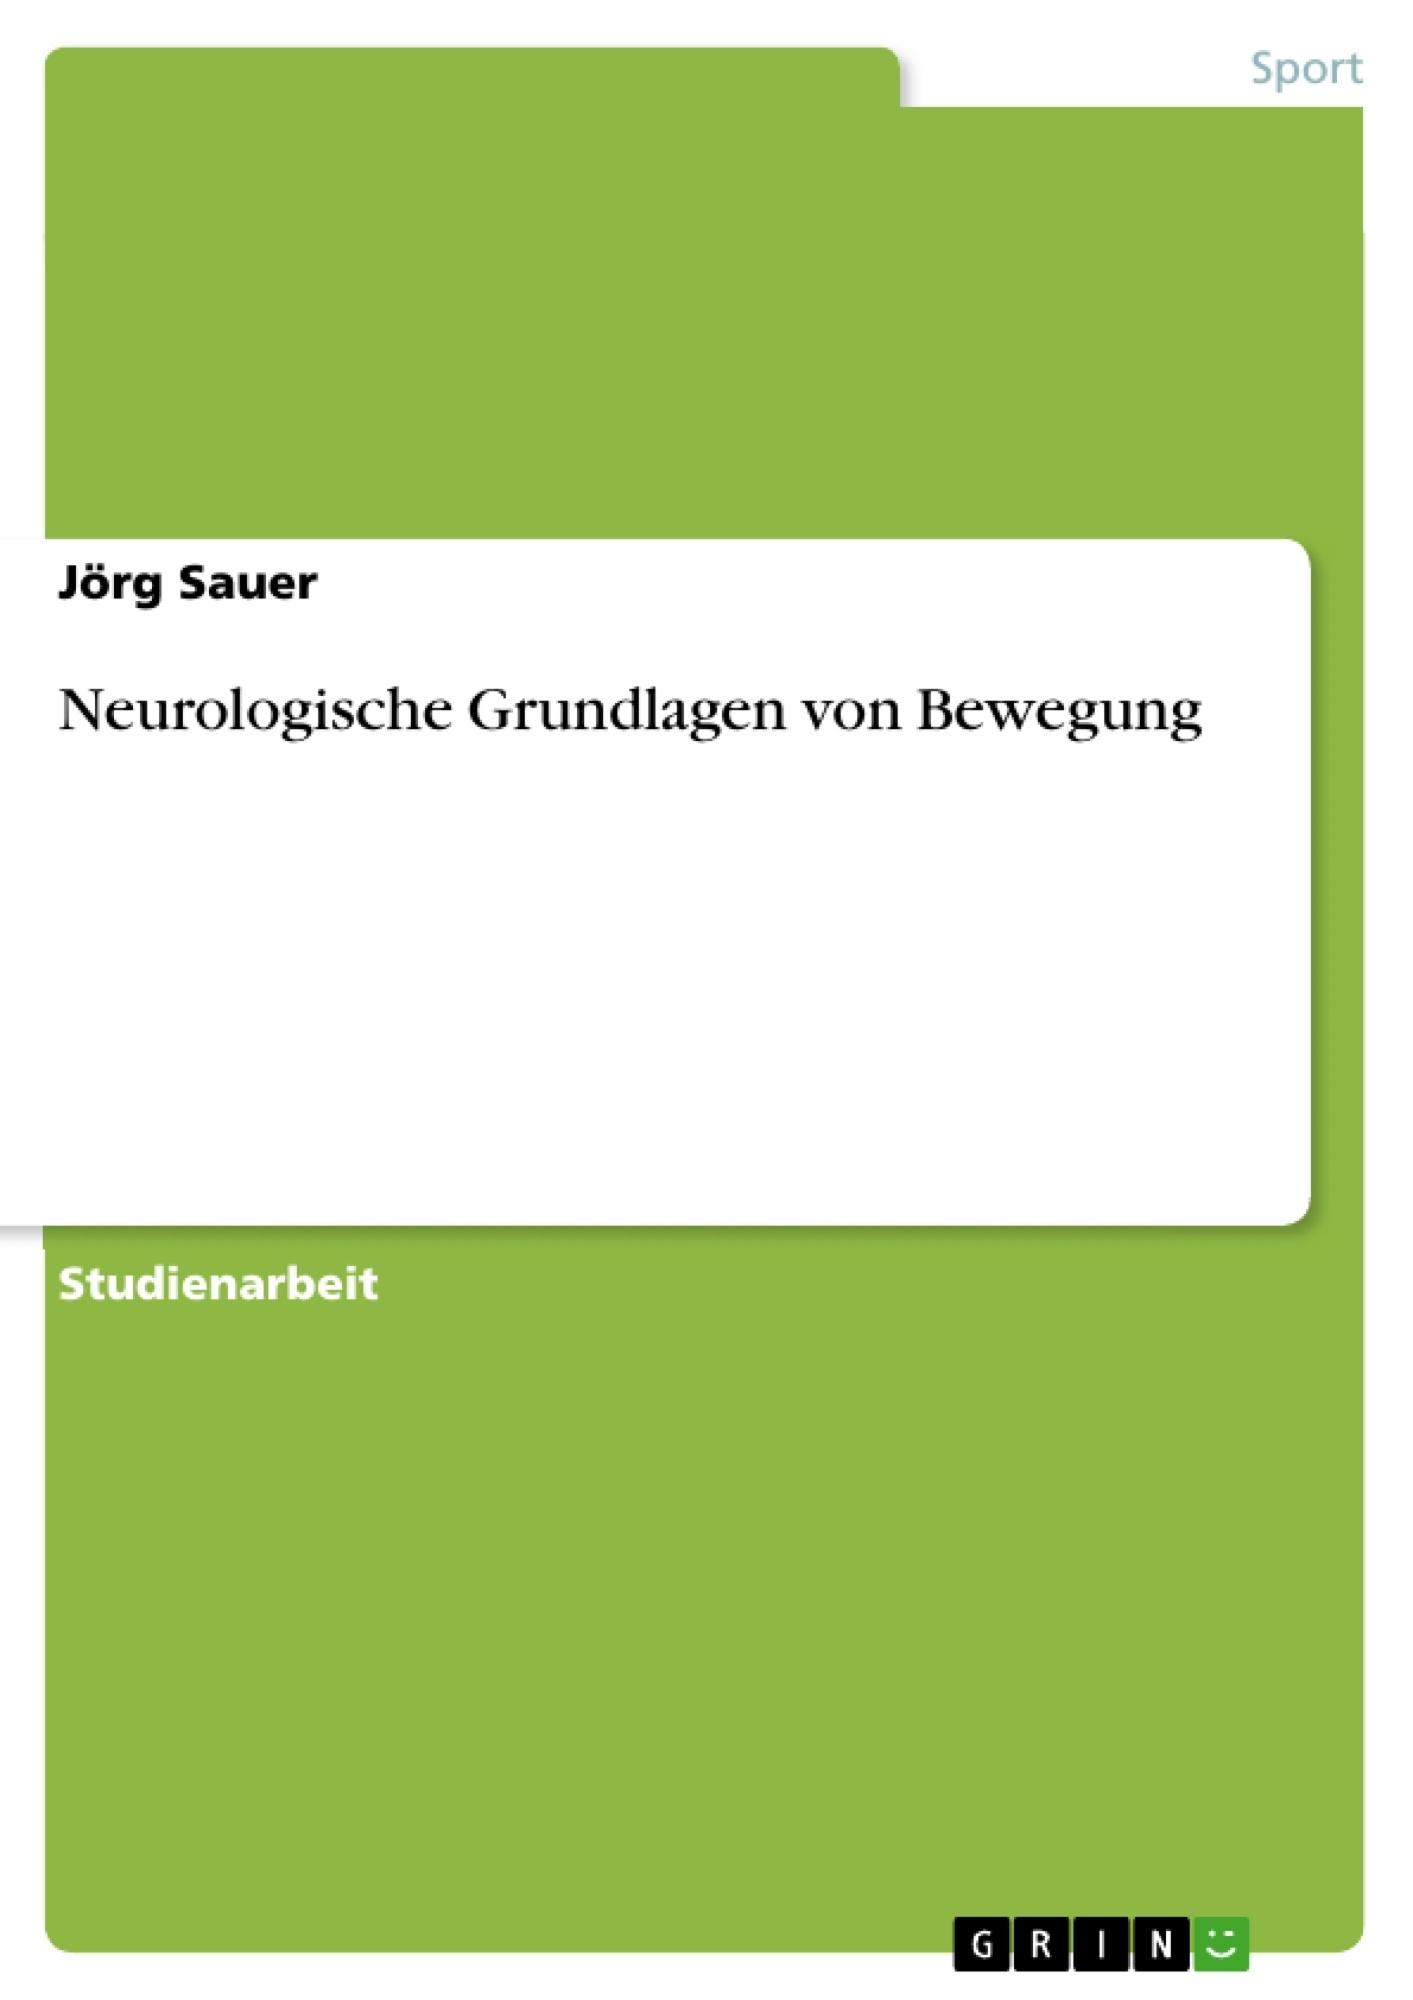 Titel: Neurologische Grundlagen von Bewegung